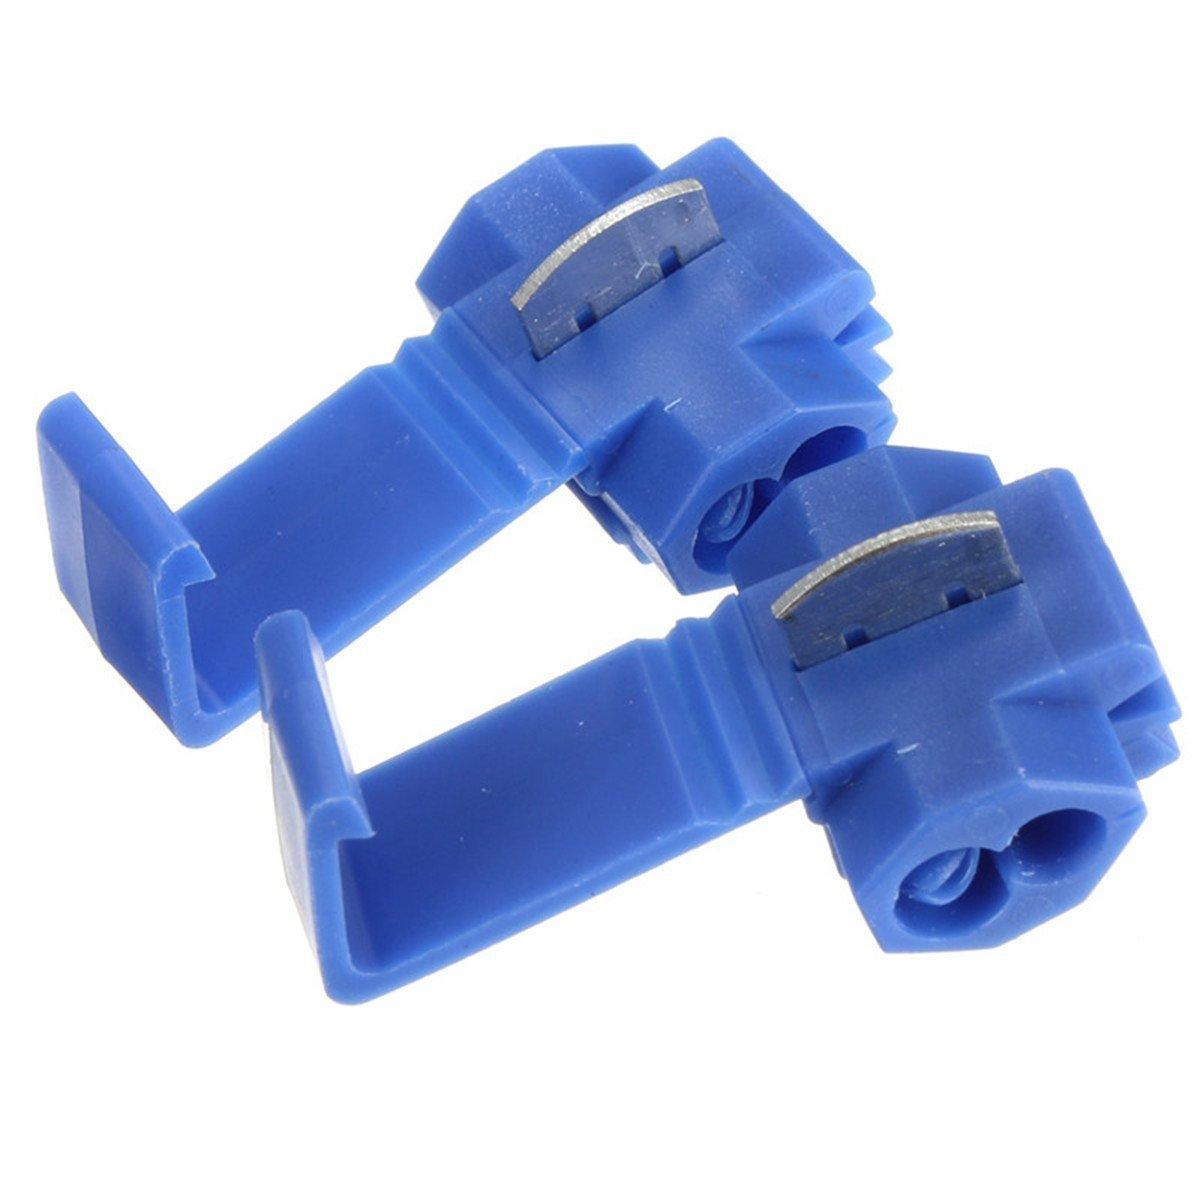 biue Solderless Wire Quick Splice Connector - 14-18Gauge - 100 Pack